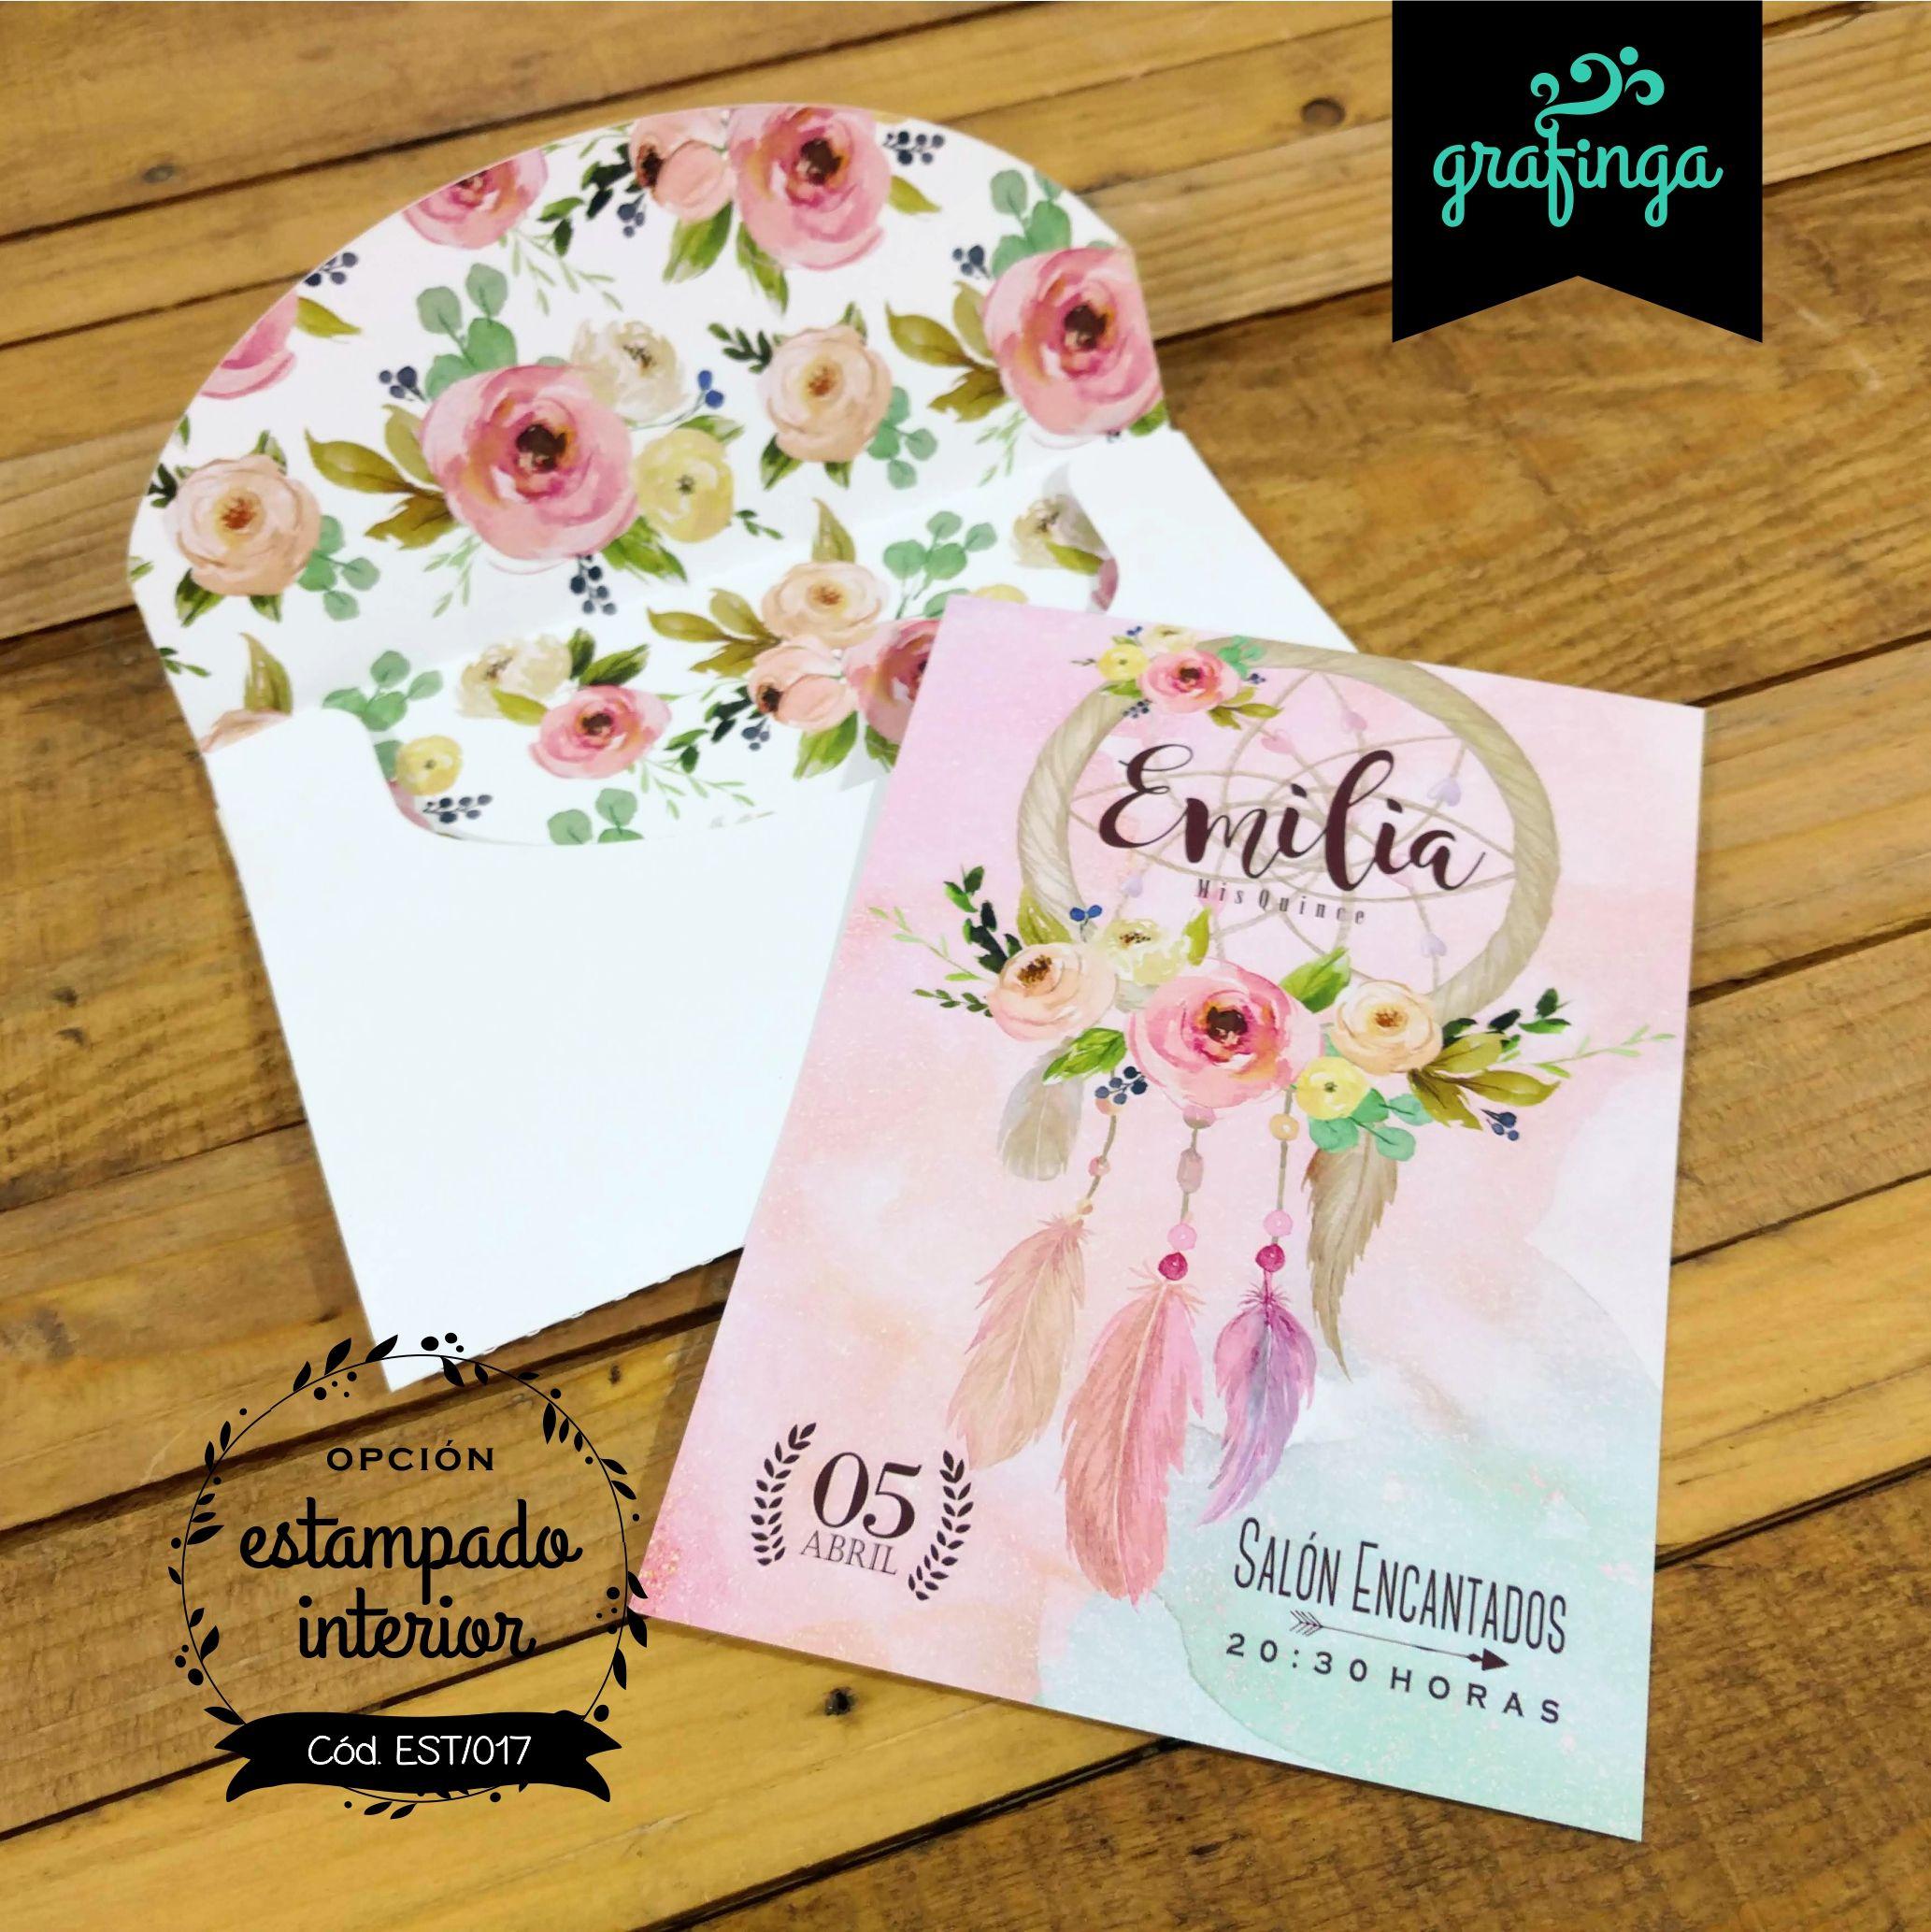 27f5d0a9188e0 Tarjetas invitaciones originales con sobres forrados para 15 Años  Casamientos Bodas! Estilo atrapasueños flores acuarela...  invitaciones   bodas  15años ...